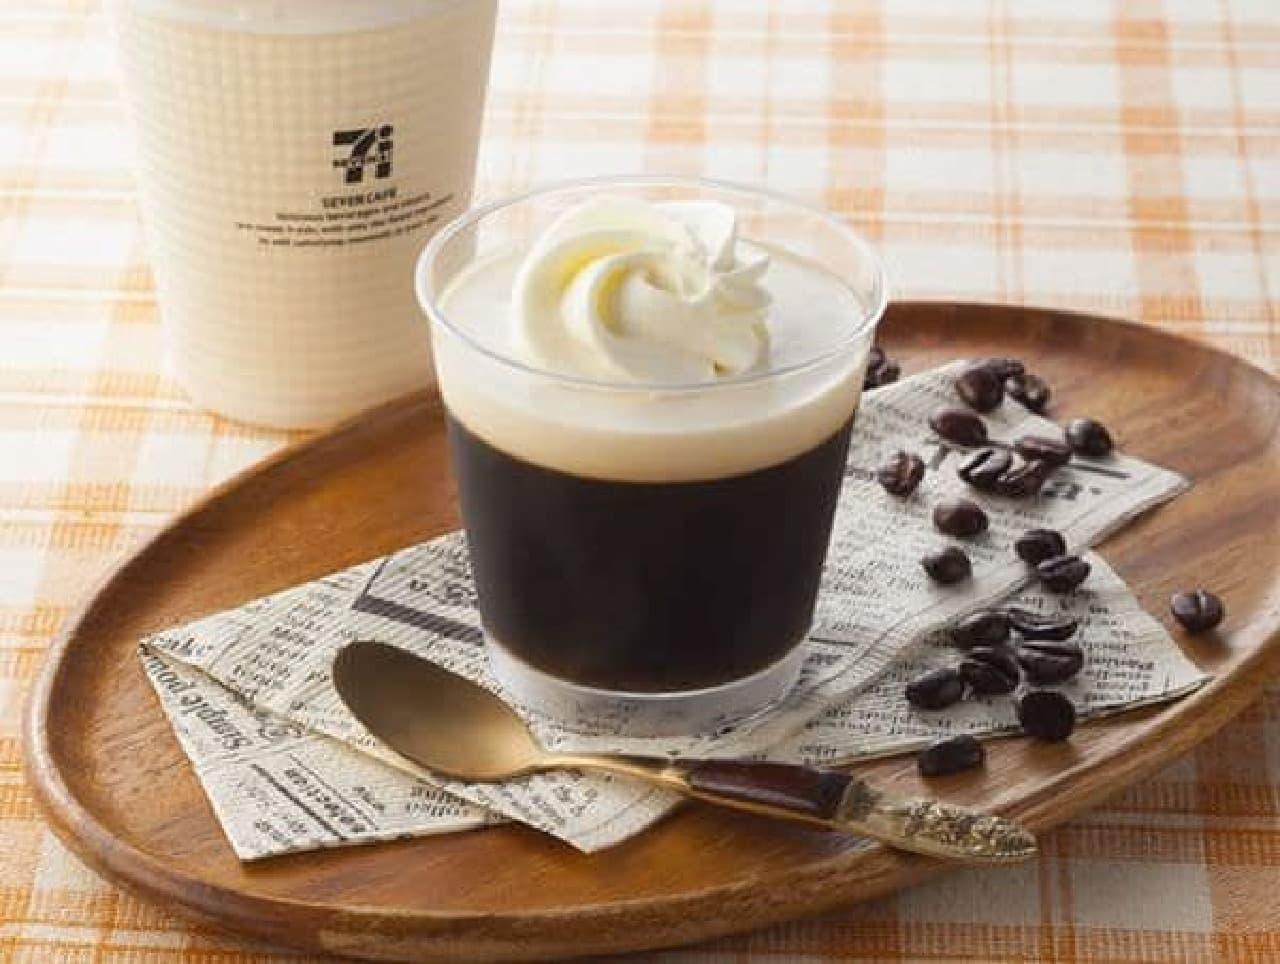 「コーヒーフロートゼリー」は、ミルクムースとホイップクリームがのったコーヒーフロート風のスイーツ